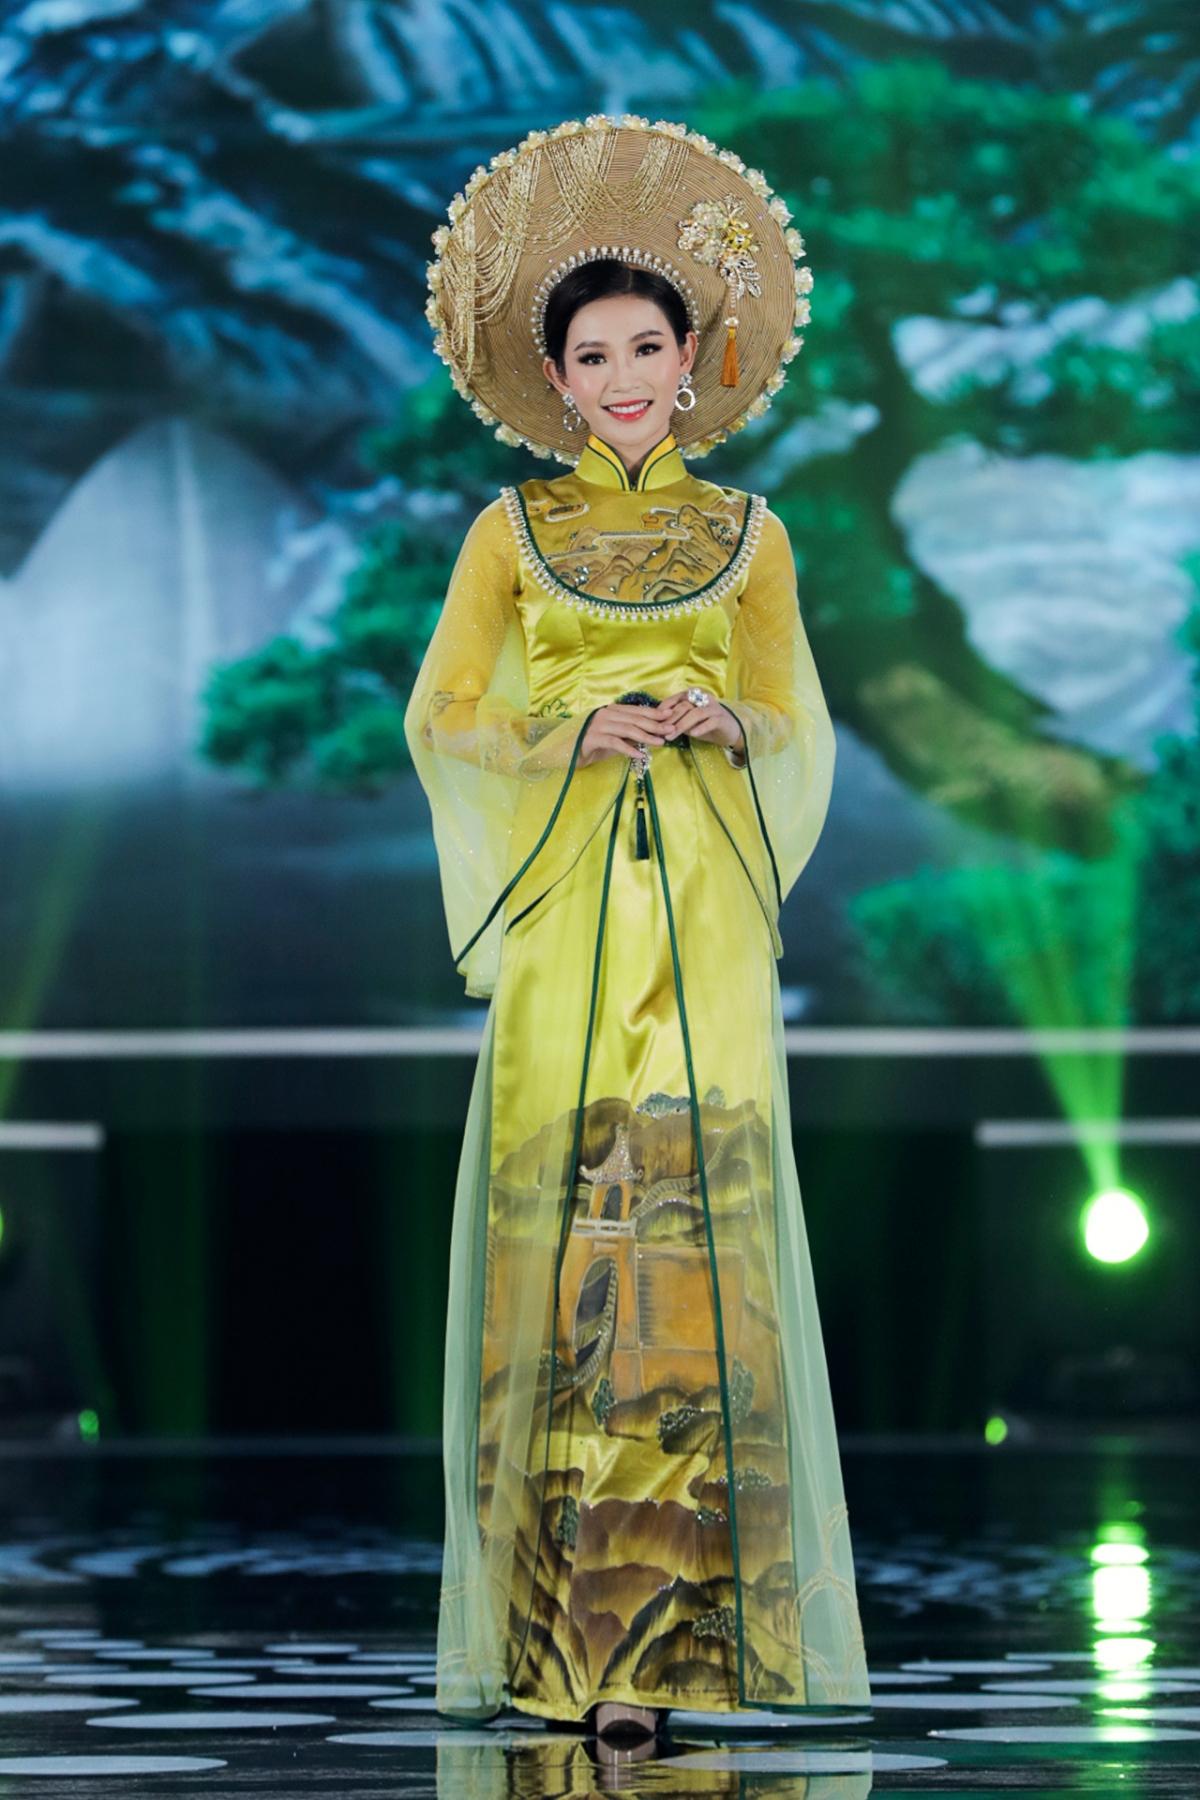 Áo dài là trang phục truyền thống của dân tộc. Việc trình diễn áo dài trong đêm Chung kết toàn quốc HHVN 2020 mang ý nghĩa nhân văn lan tỏa tiếng nói trái tim và lòng nhân ái đáng trân quý của người phụ nữ Việt Nam.